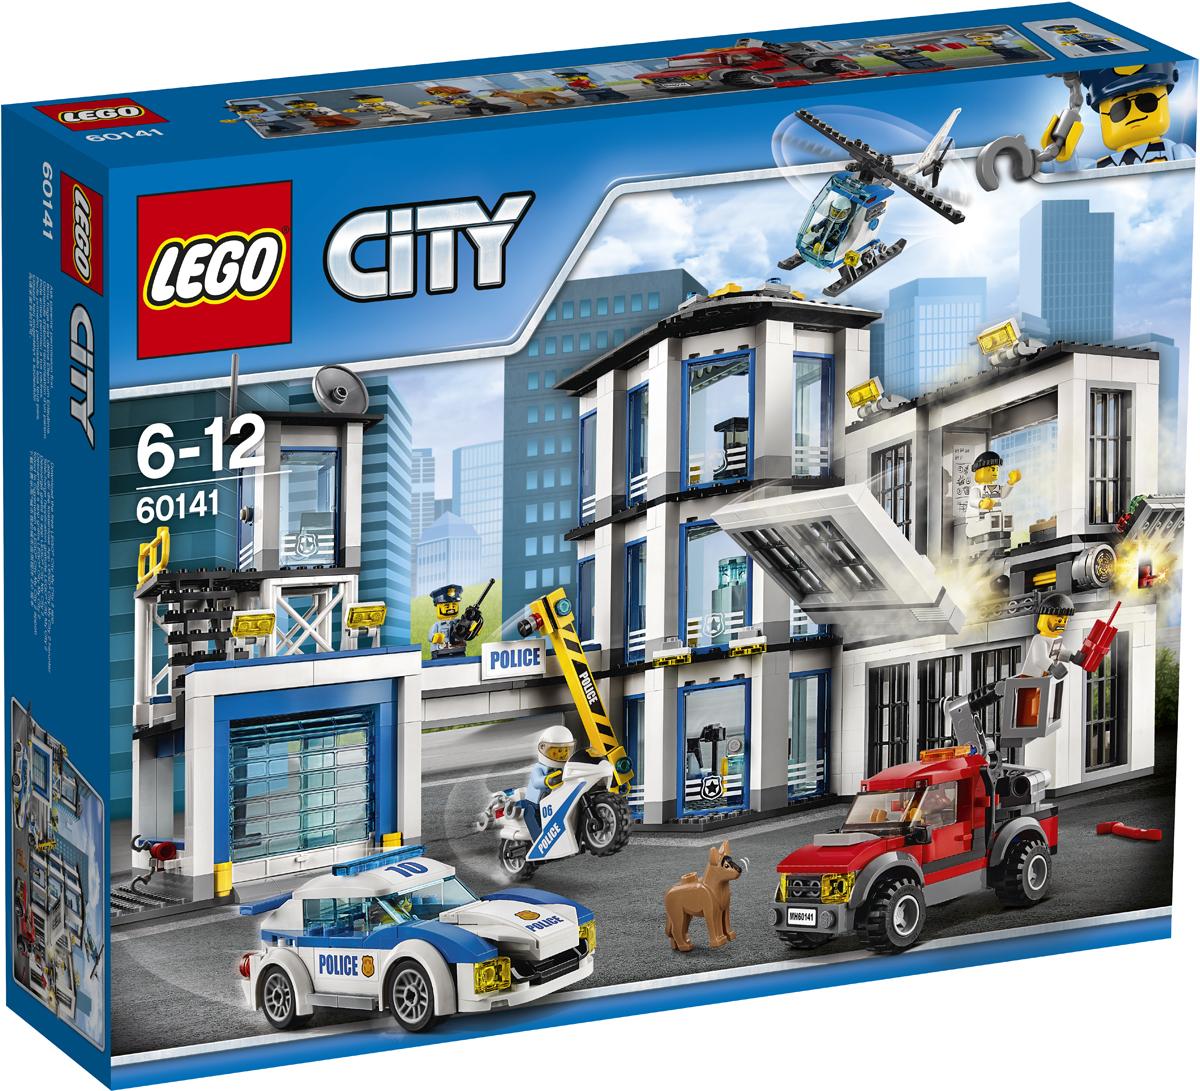 LEGO City Конструктор Полицейский участок 6014160141Поднимайте полицейских по тревоге! Воры пытаются помочь своему дружку сбежать из тюрьмы, но они застали его врасплох, в туалете! Вытяните автоподъемник и положите динамит в вентиляционное отверстие, а потом бегите, пока оно не взорвалось. Держите лом наготове, чтобы воришка мог за него схватиться, и все вместе выбирайтесь оттуда! Помогите полиции на автомобиле, мотоцикле и вертолете догнать грузовик воришек и вернуть их обратно в тюрьму! Набор включает в себя 894 разноцветных пластиковых элементов. Конструктор - это один из самых увлекательных и веселых способов времяпрепровождения. Ребенок сможет часами играть с конструктором, придумывая различные ситуации и истории.